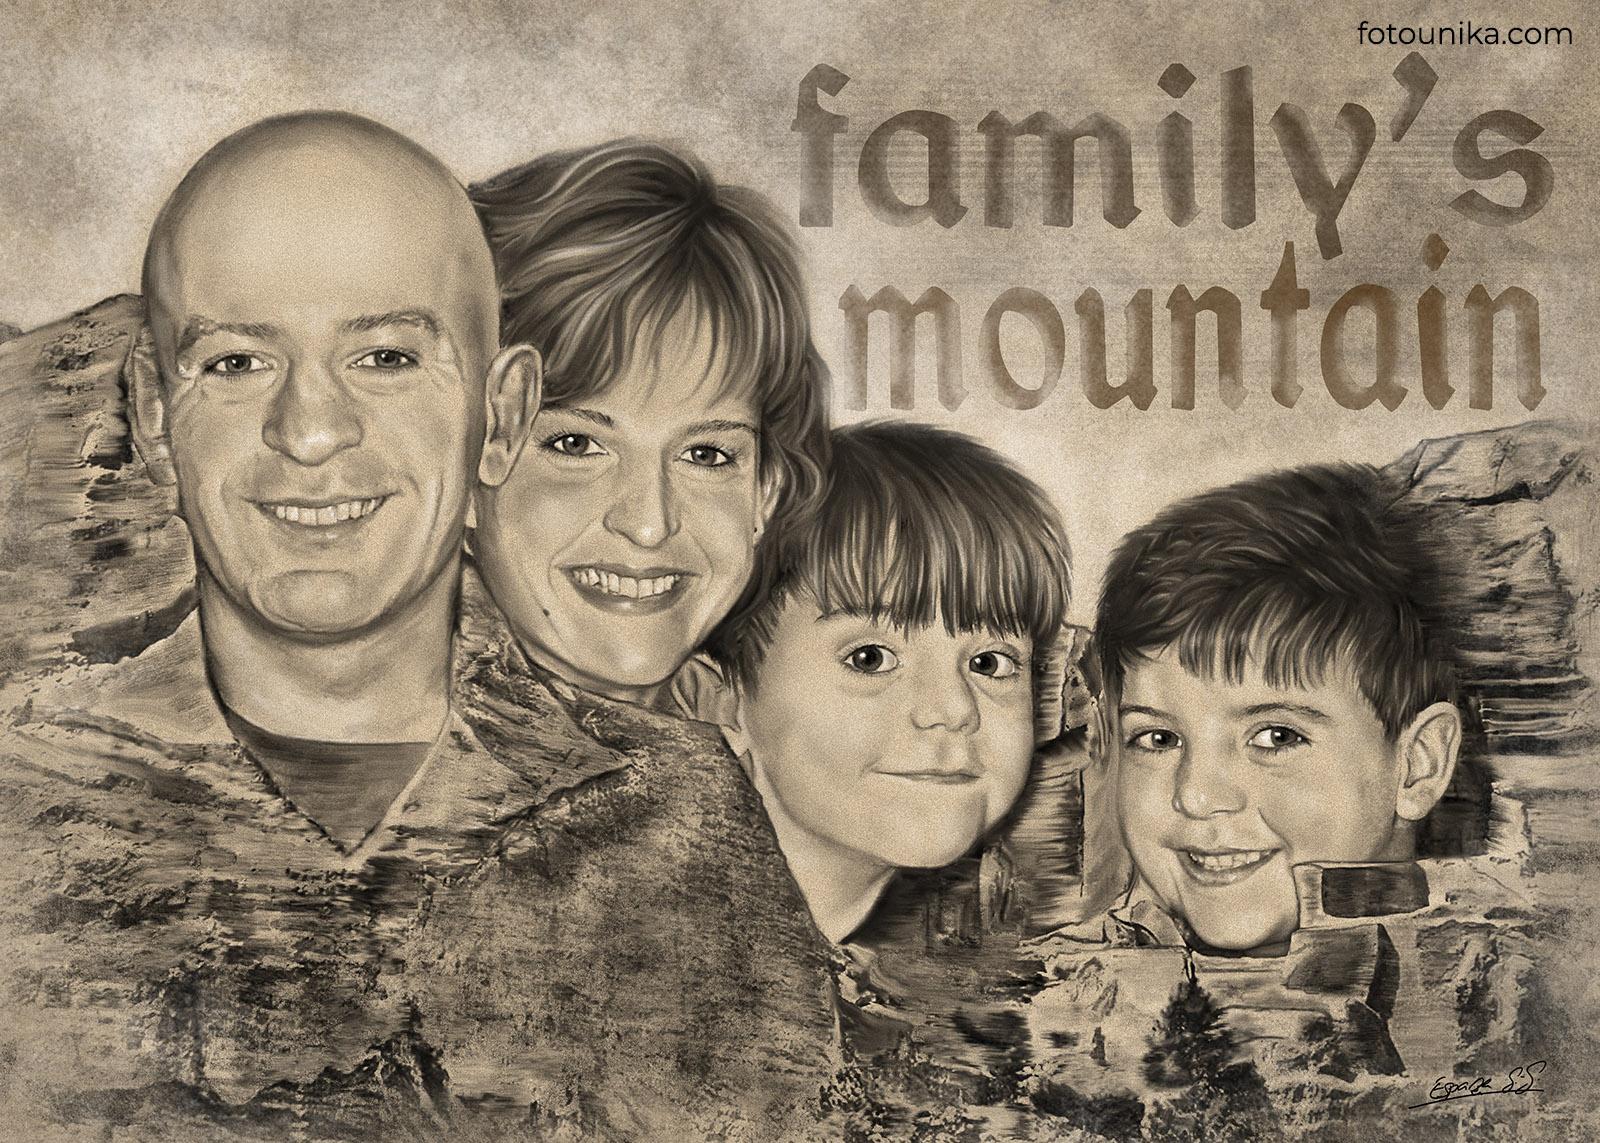 Cuadro familia mountain